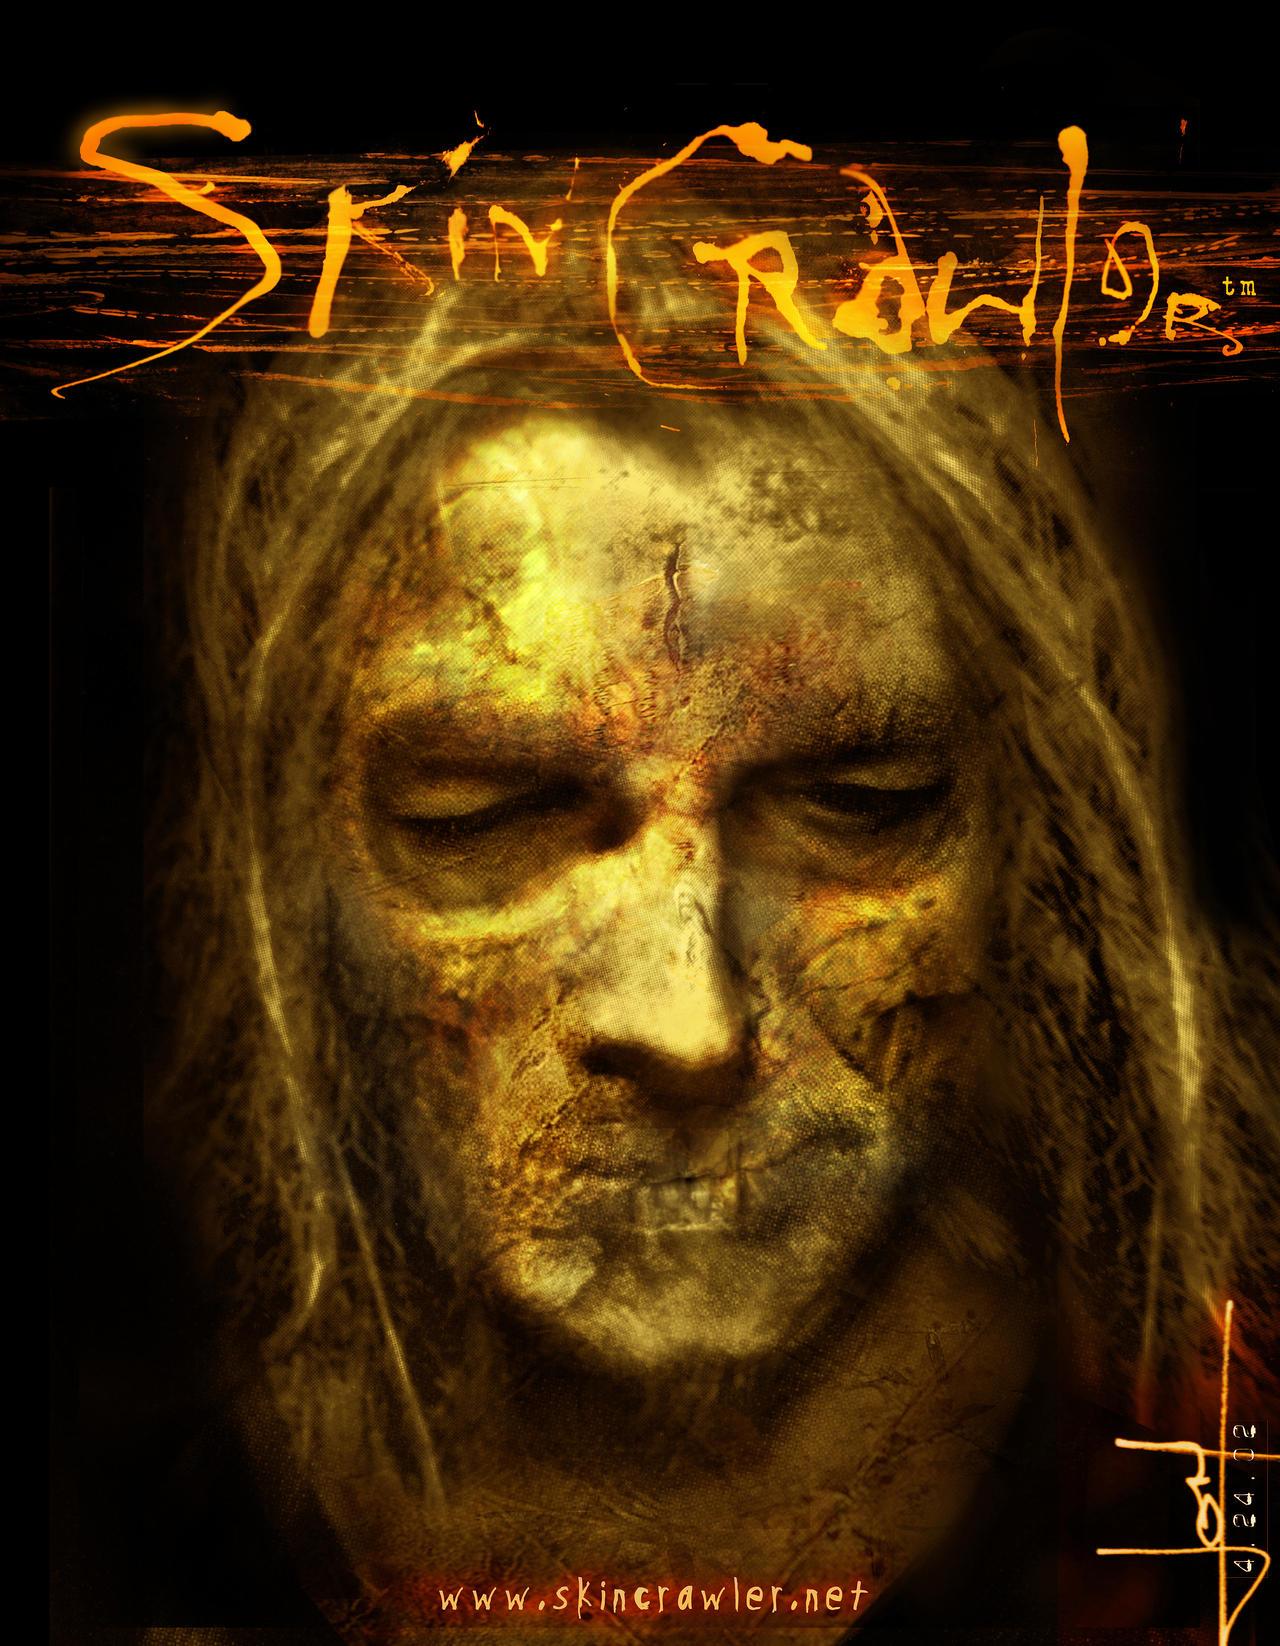 Skin crawler by uratz studios on deviantart - Uratz studios ...